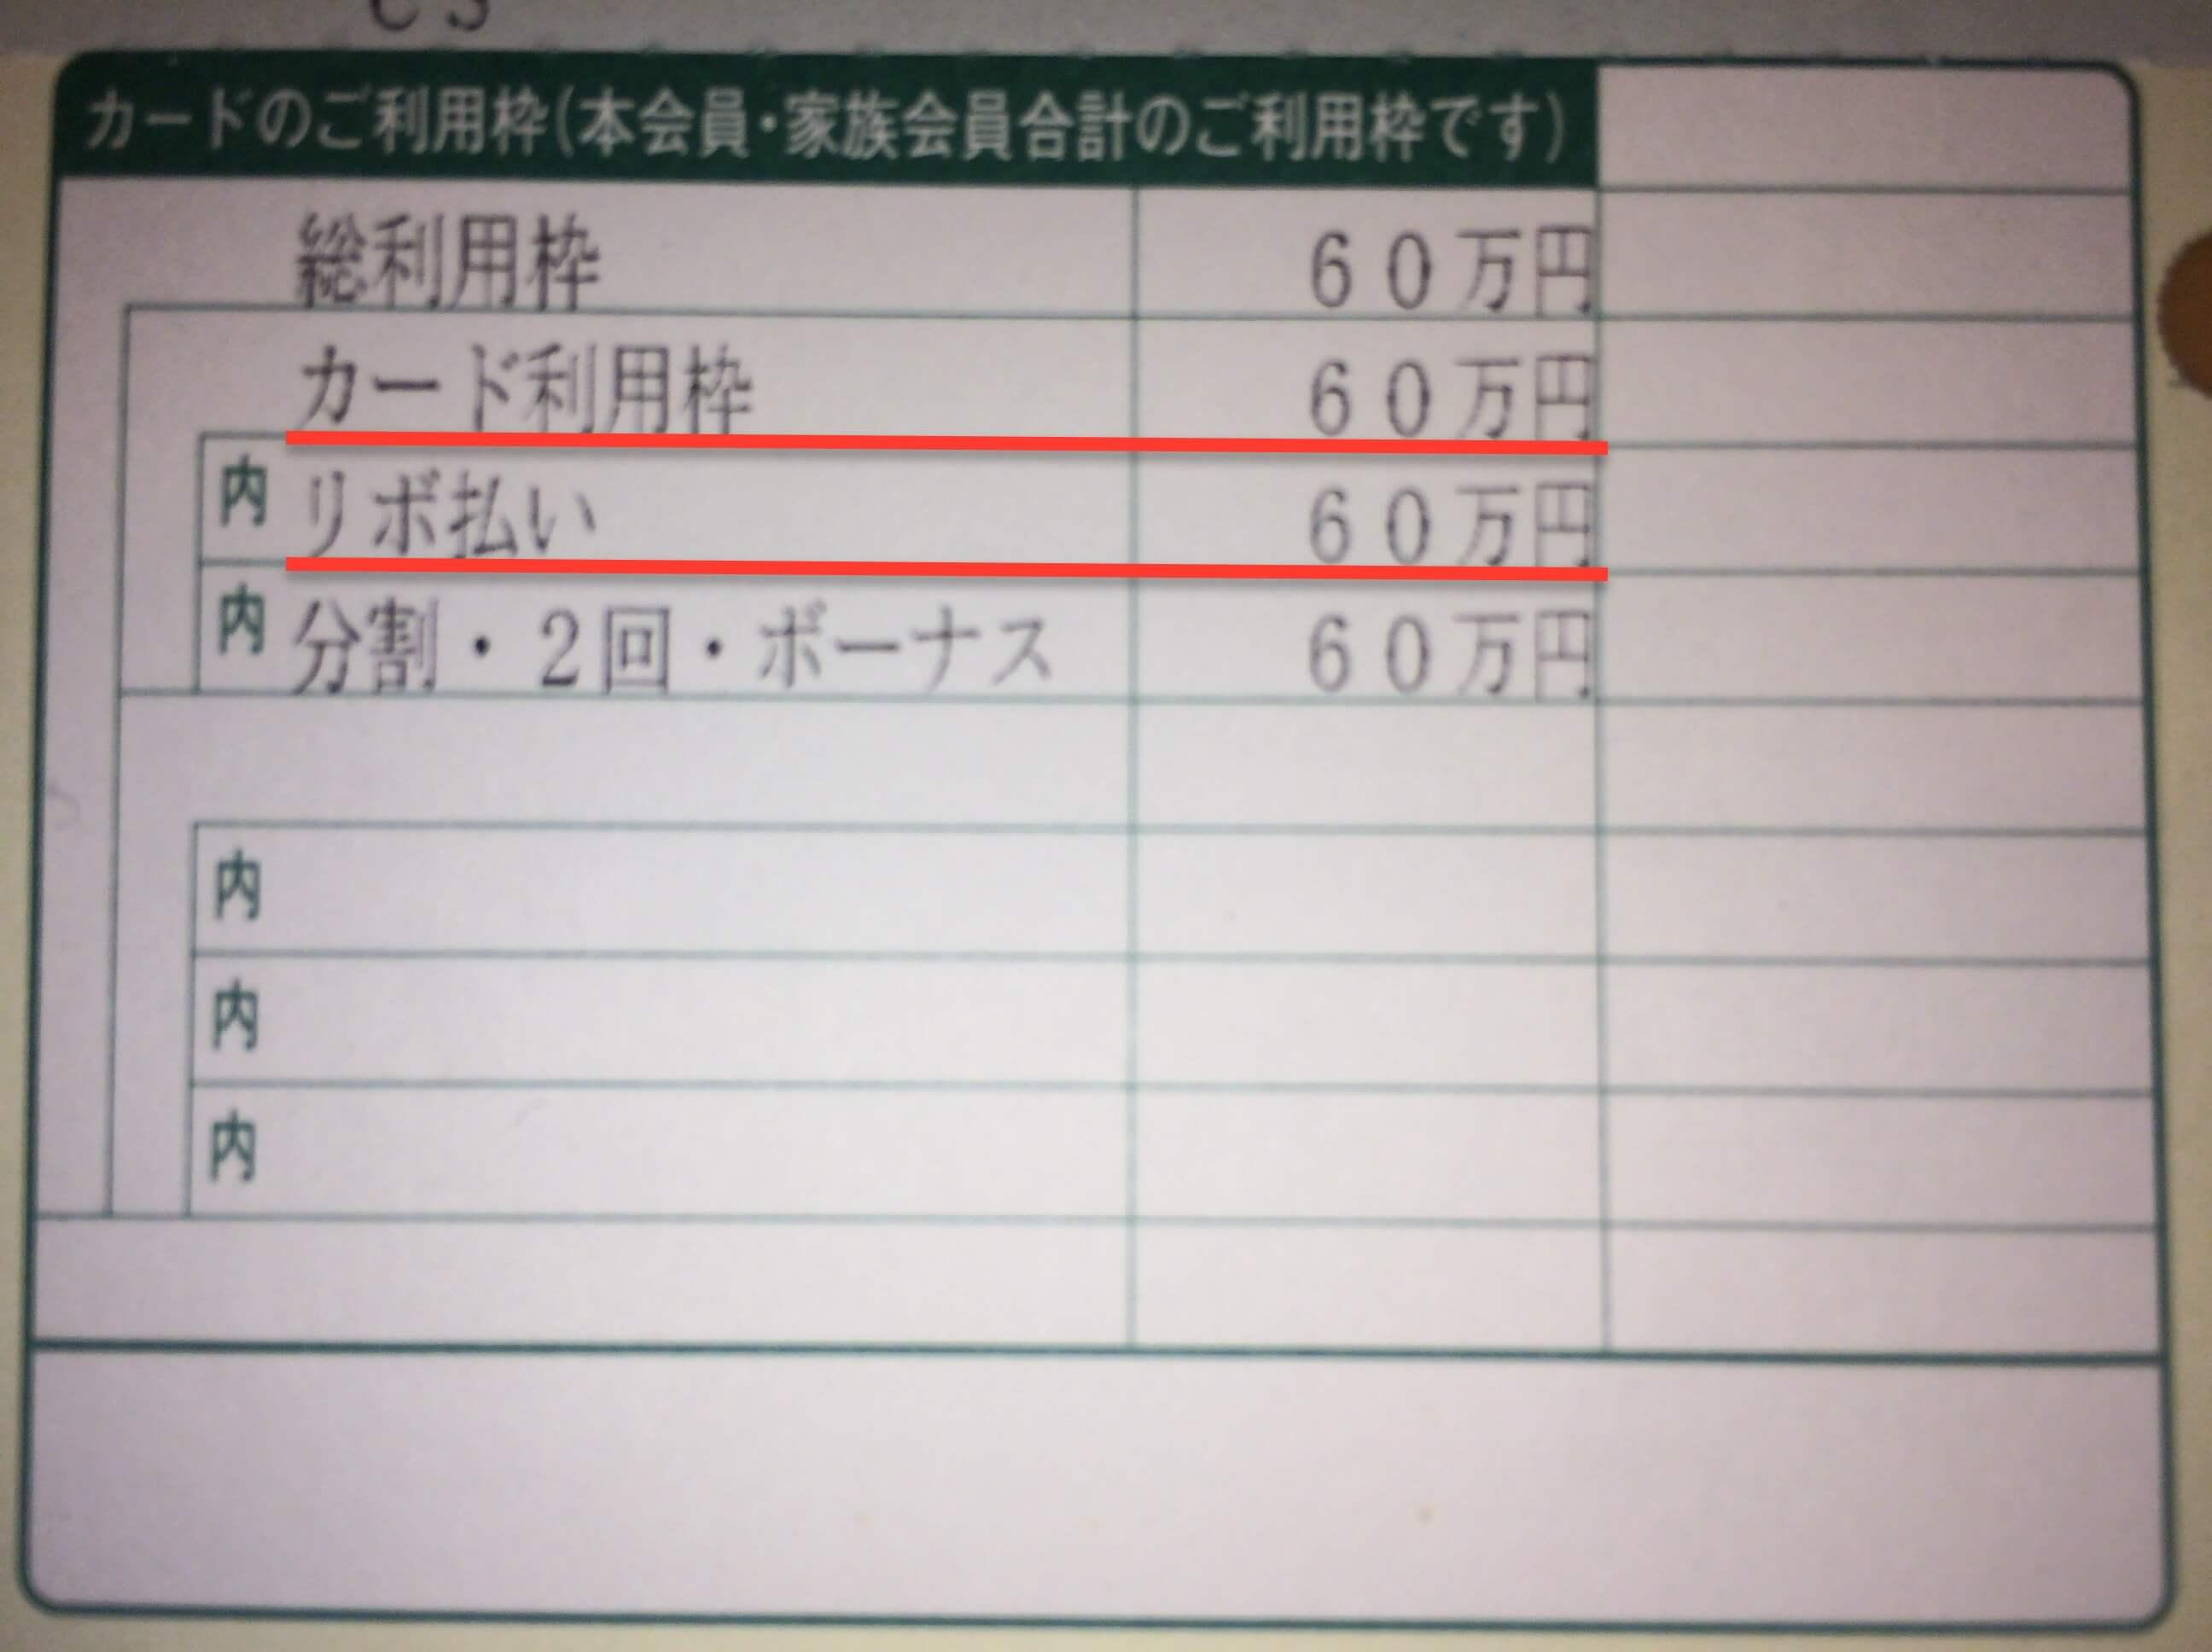 三井住友カード 利用枠